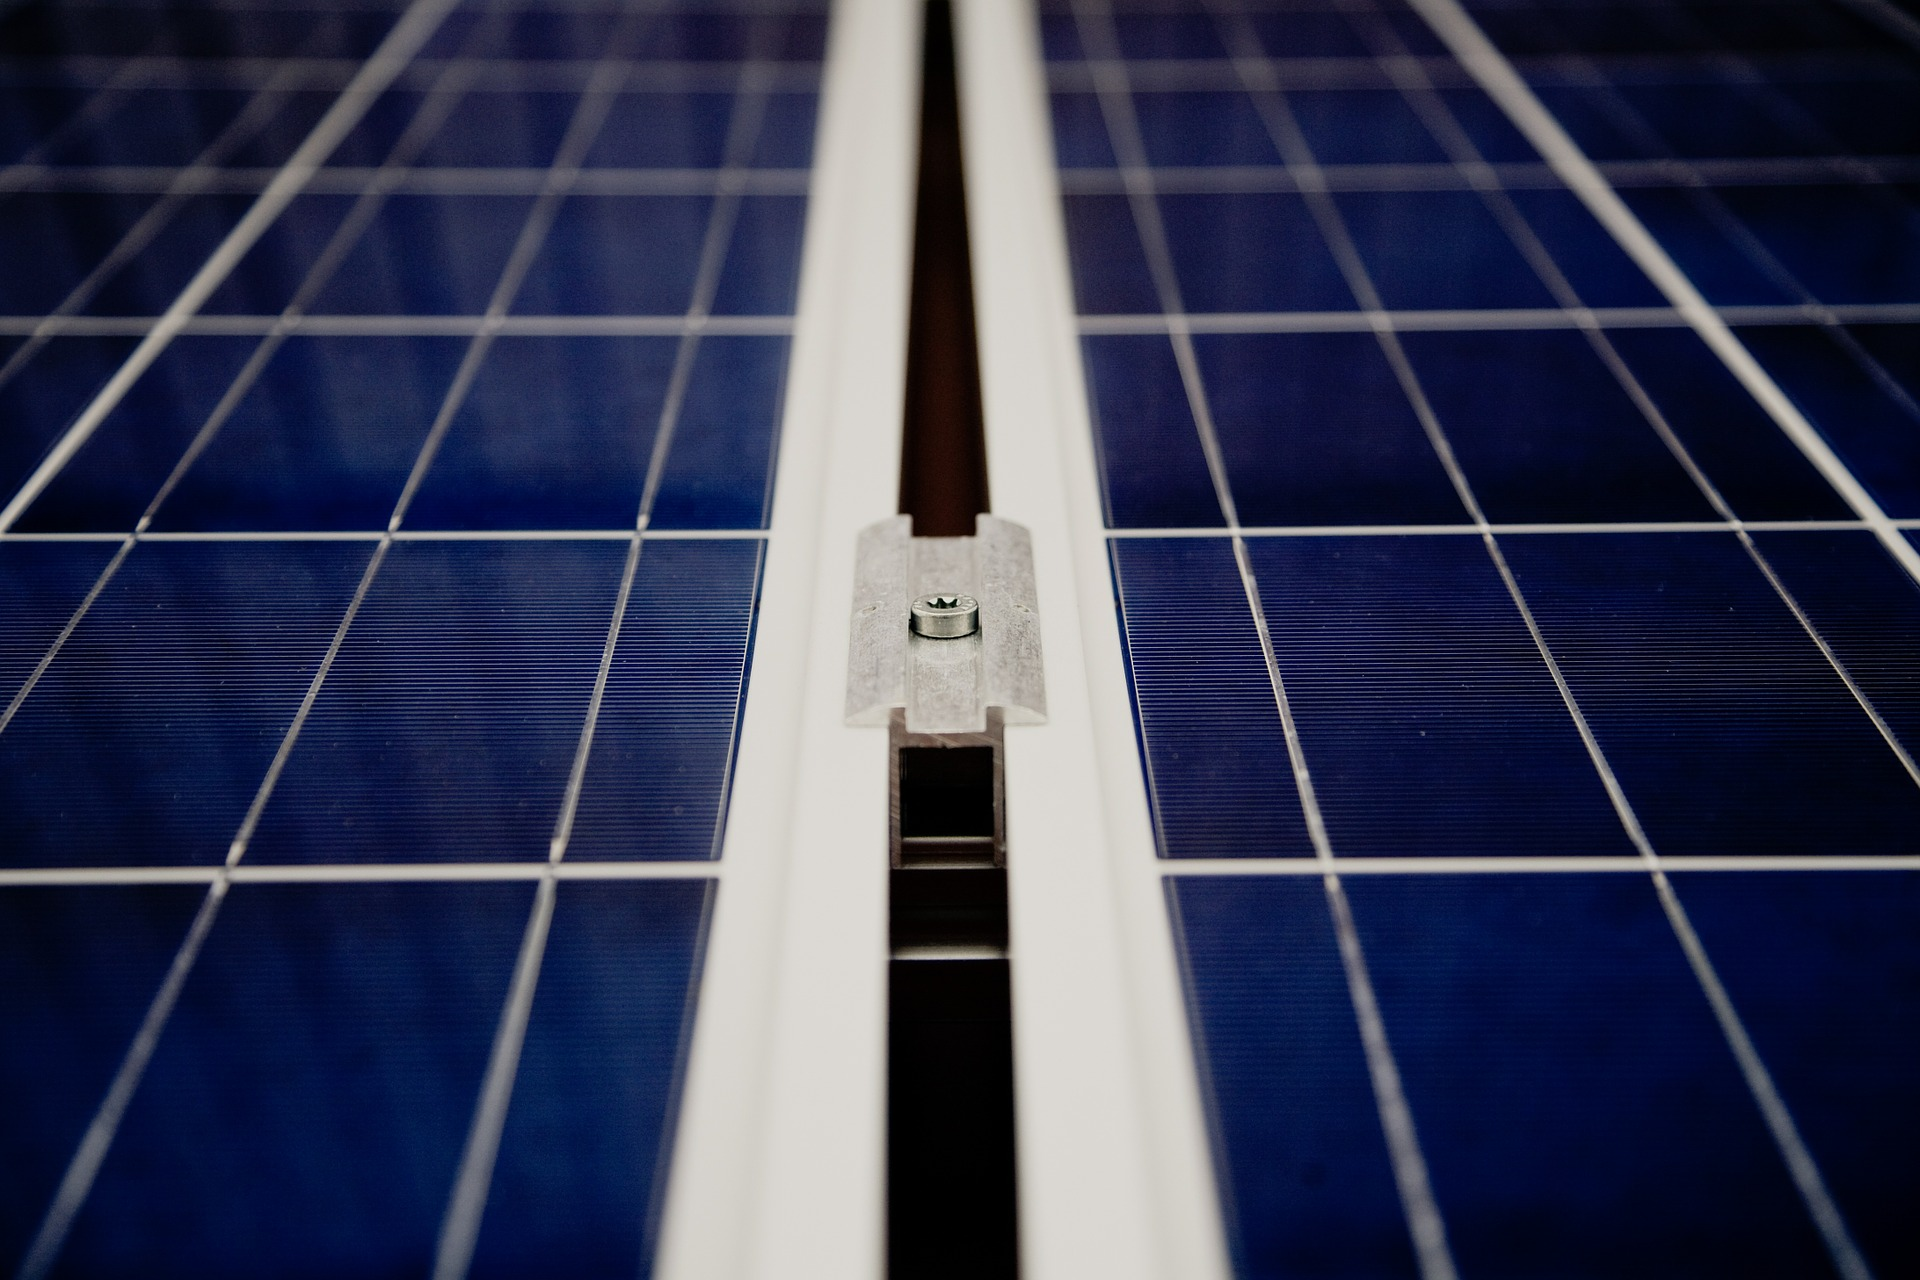 Painel solar - Elysia energia solar Rio Grande do Sul